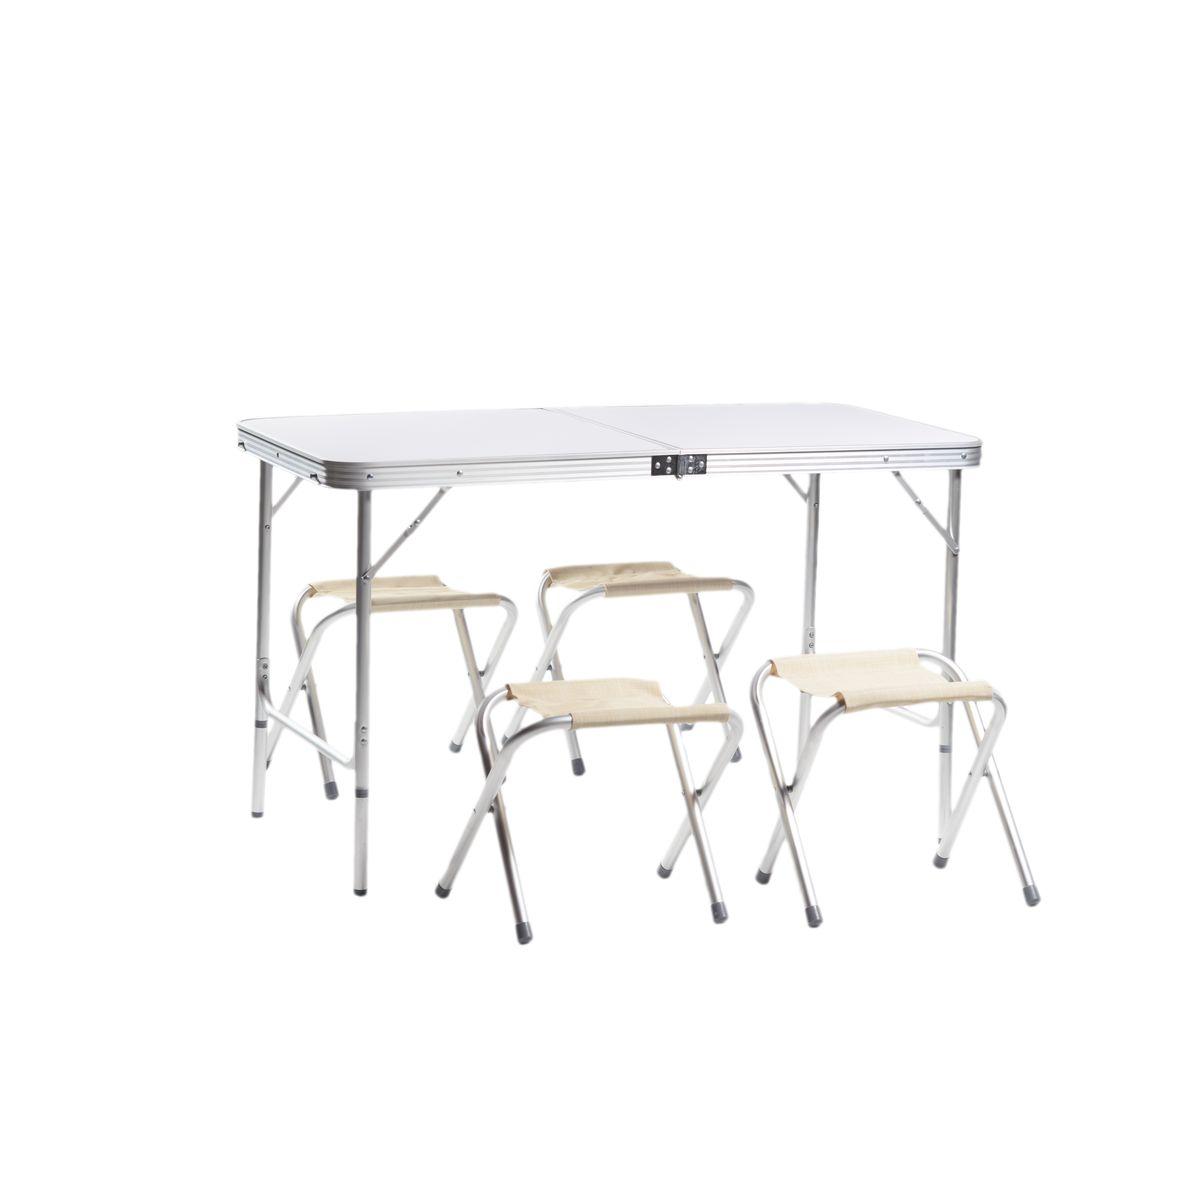 Набор мебели для пикника Green Glade М5102, 5 предметовМ5102Набор мебели Green Glade М5102 предназначен для создания комфортных условий в туристических походах, охоте, рыбалке и кемпинге.Особенности:Компактная складная конструкция.Прочный алюминиевый каркас 24 мм.Материал столешницы - МДВ.Удобная ручка для переноски.Сложенный стол можно использовать в качестве чемодана для переноски стульев.В комплекте 4 стальных кемпинговых стула.Размер стола: 120 см х 60 см х 70 см.Размер стульев: 29 см х 27 см х 37 см.